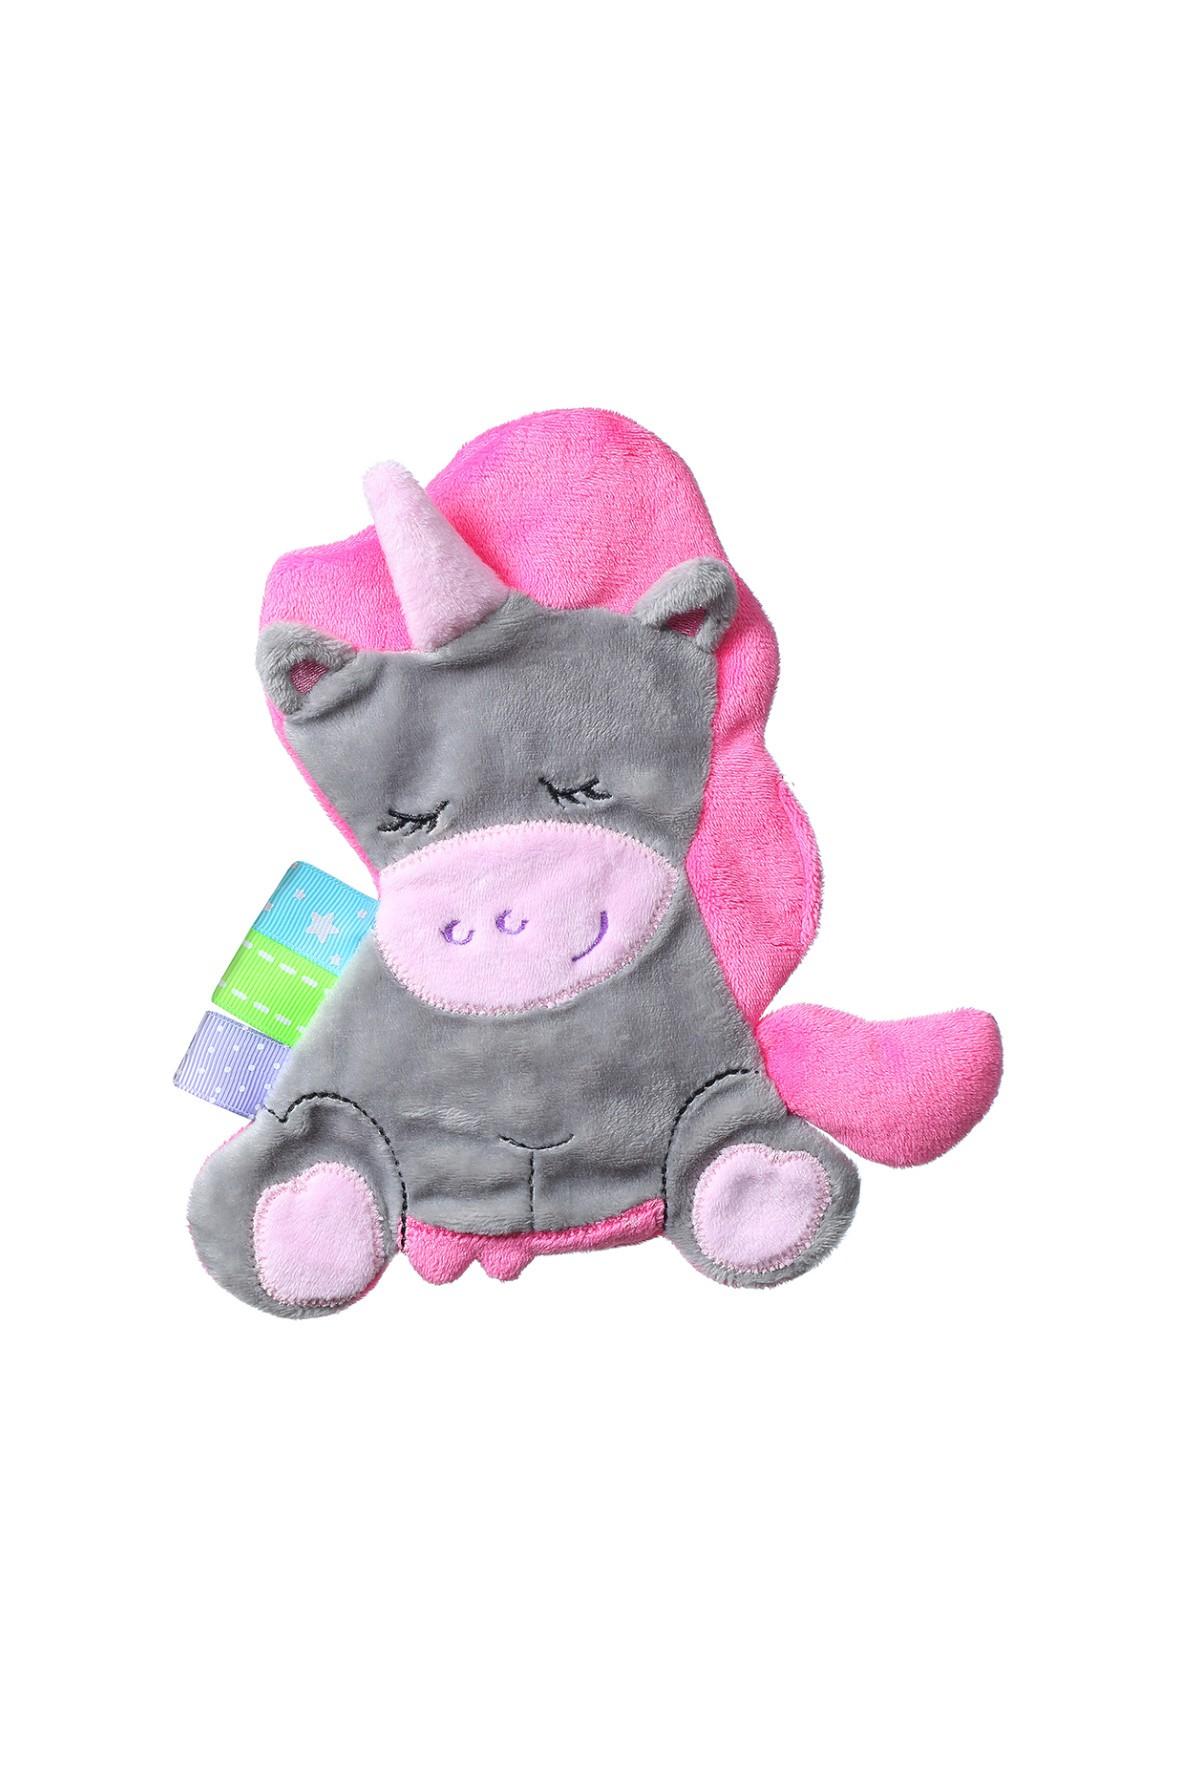 Przytulanka dla niemowląt Jednorożec Sweetie